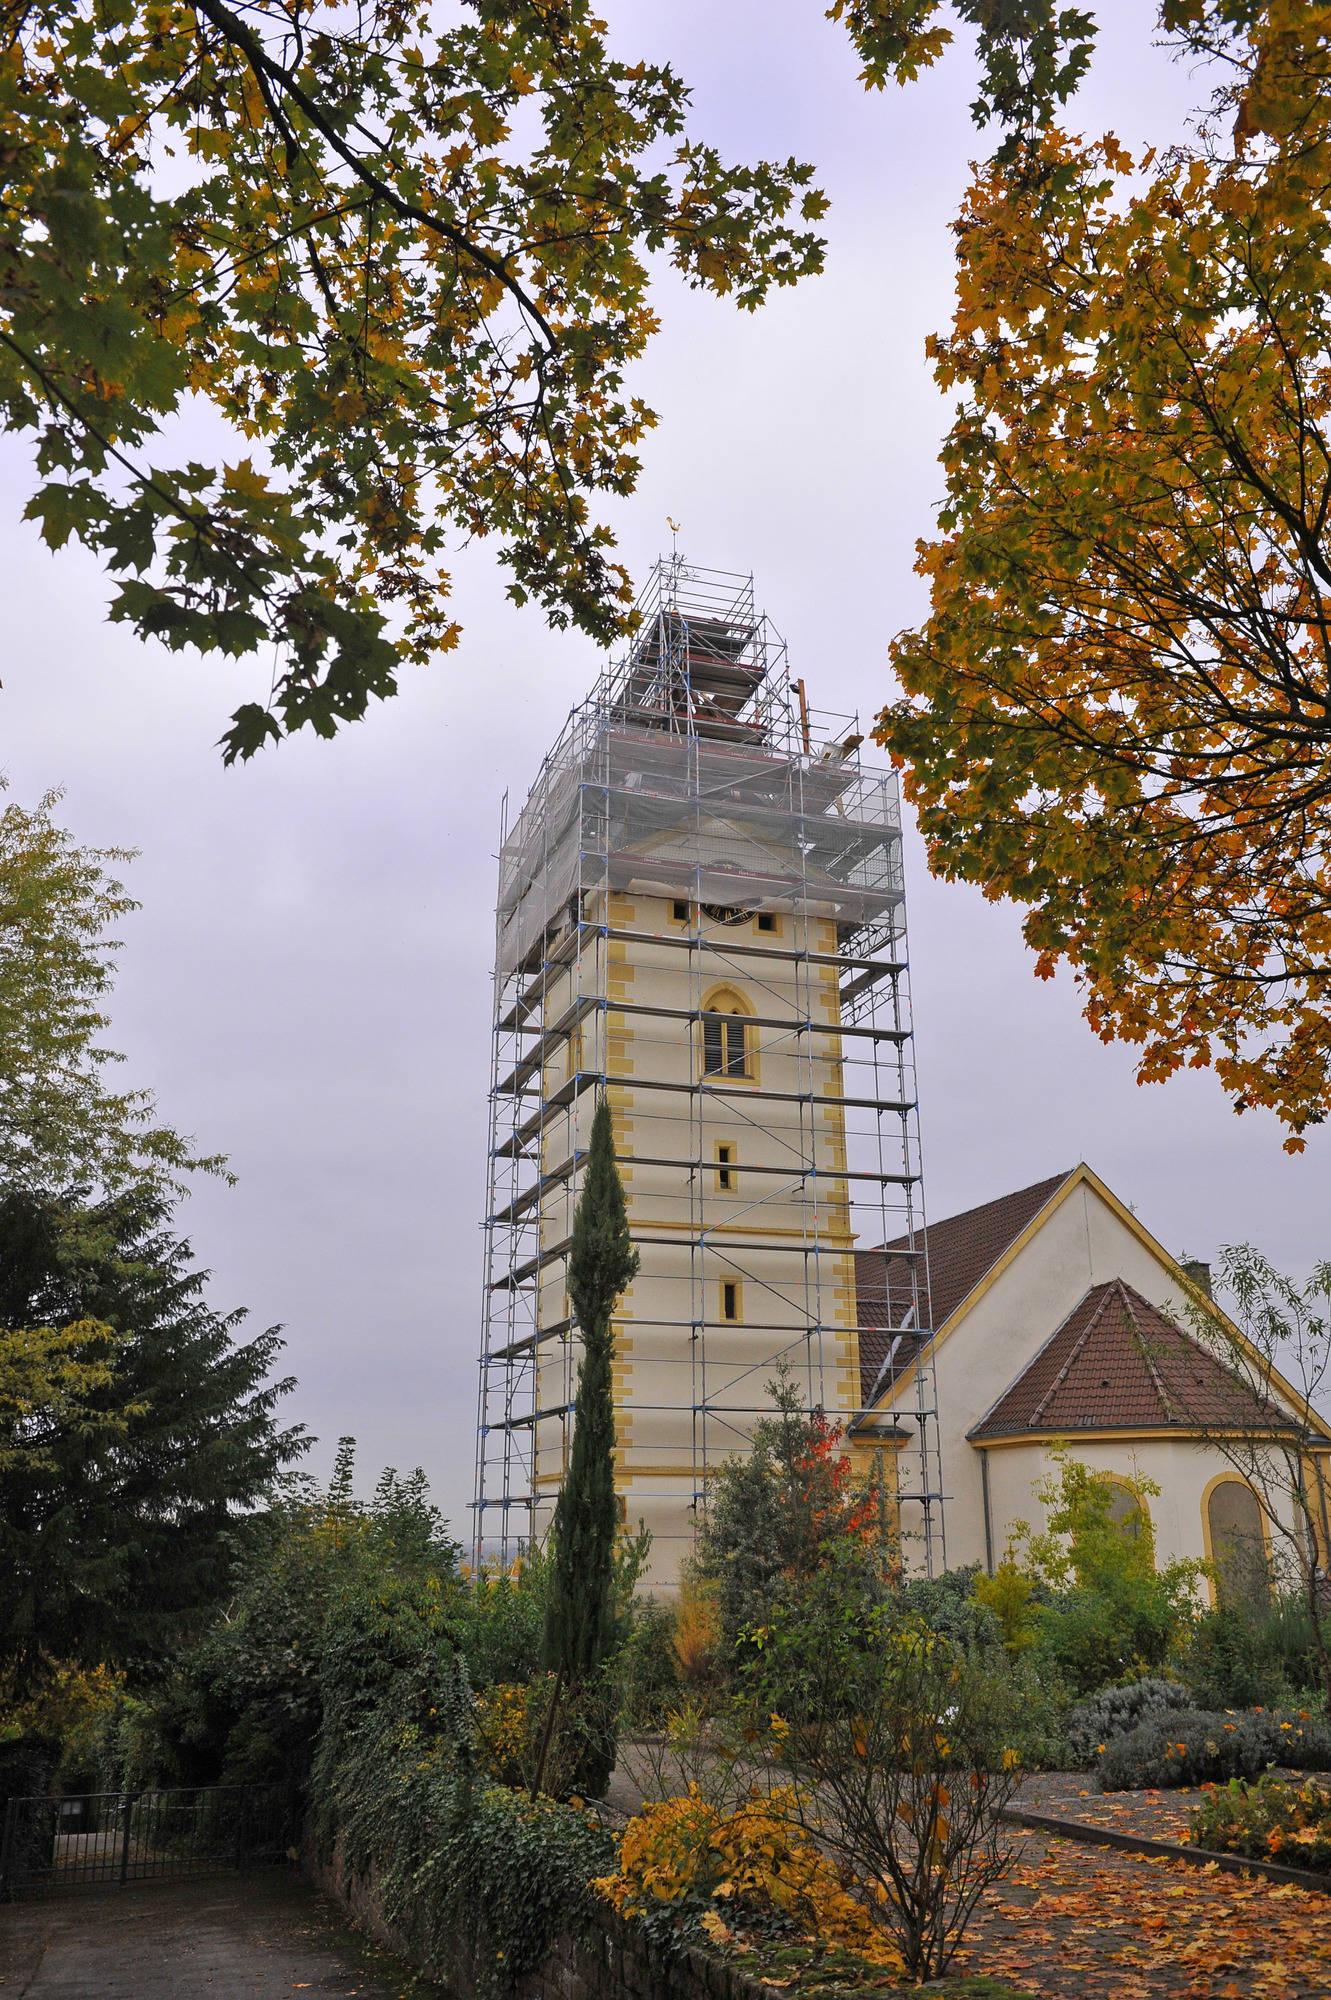 hirschberg leutershausen kirchturm sanierung wird teurer als gedacht bergstra e rhein. Black Bedroom Furniture Sets. Home Design Ideas